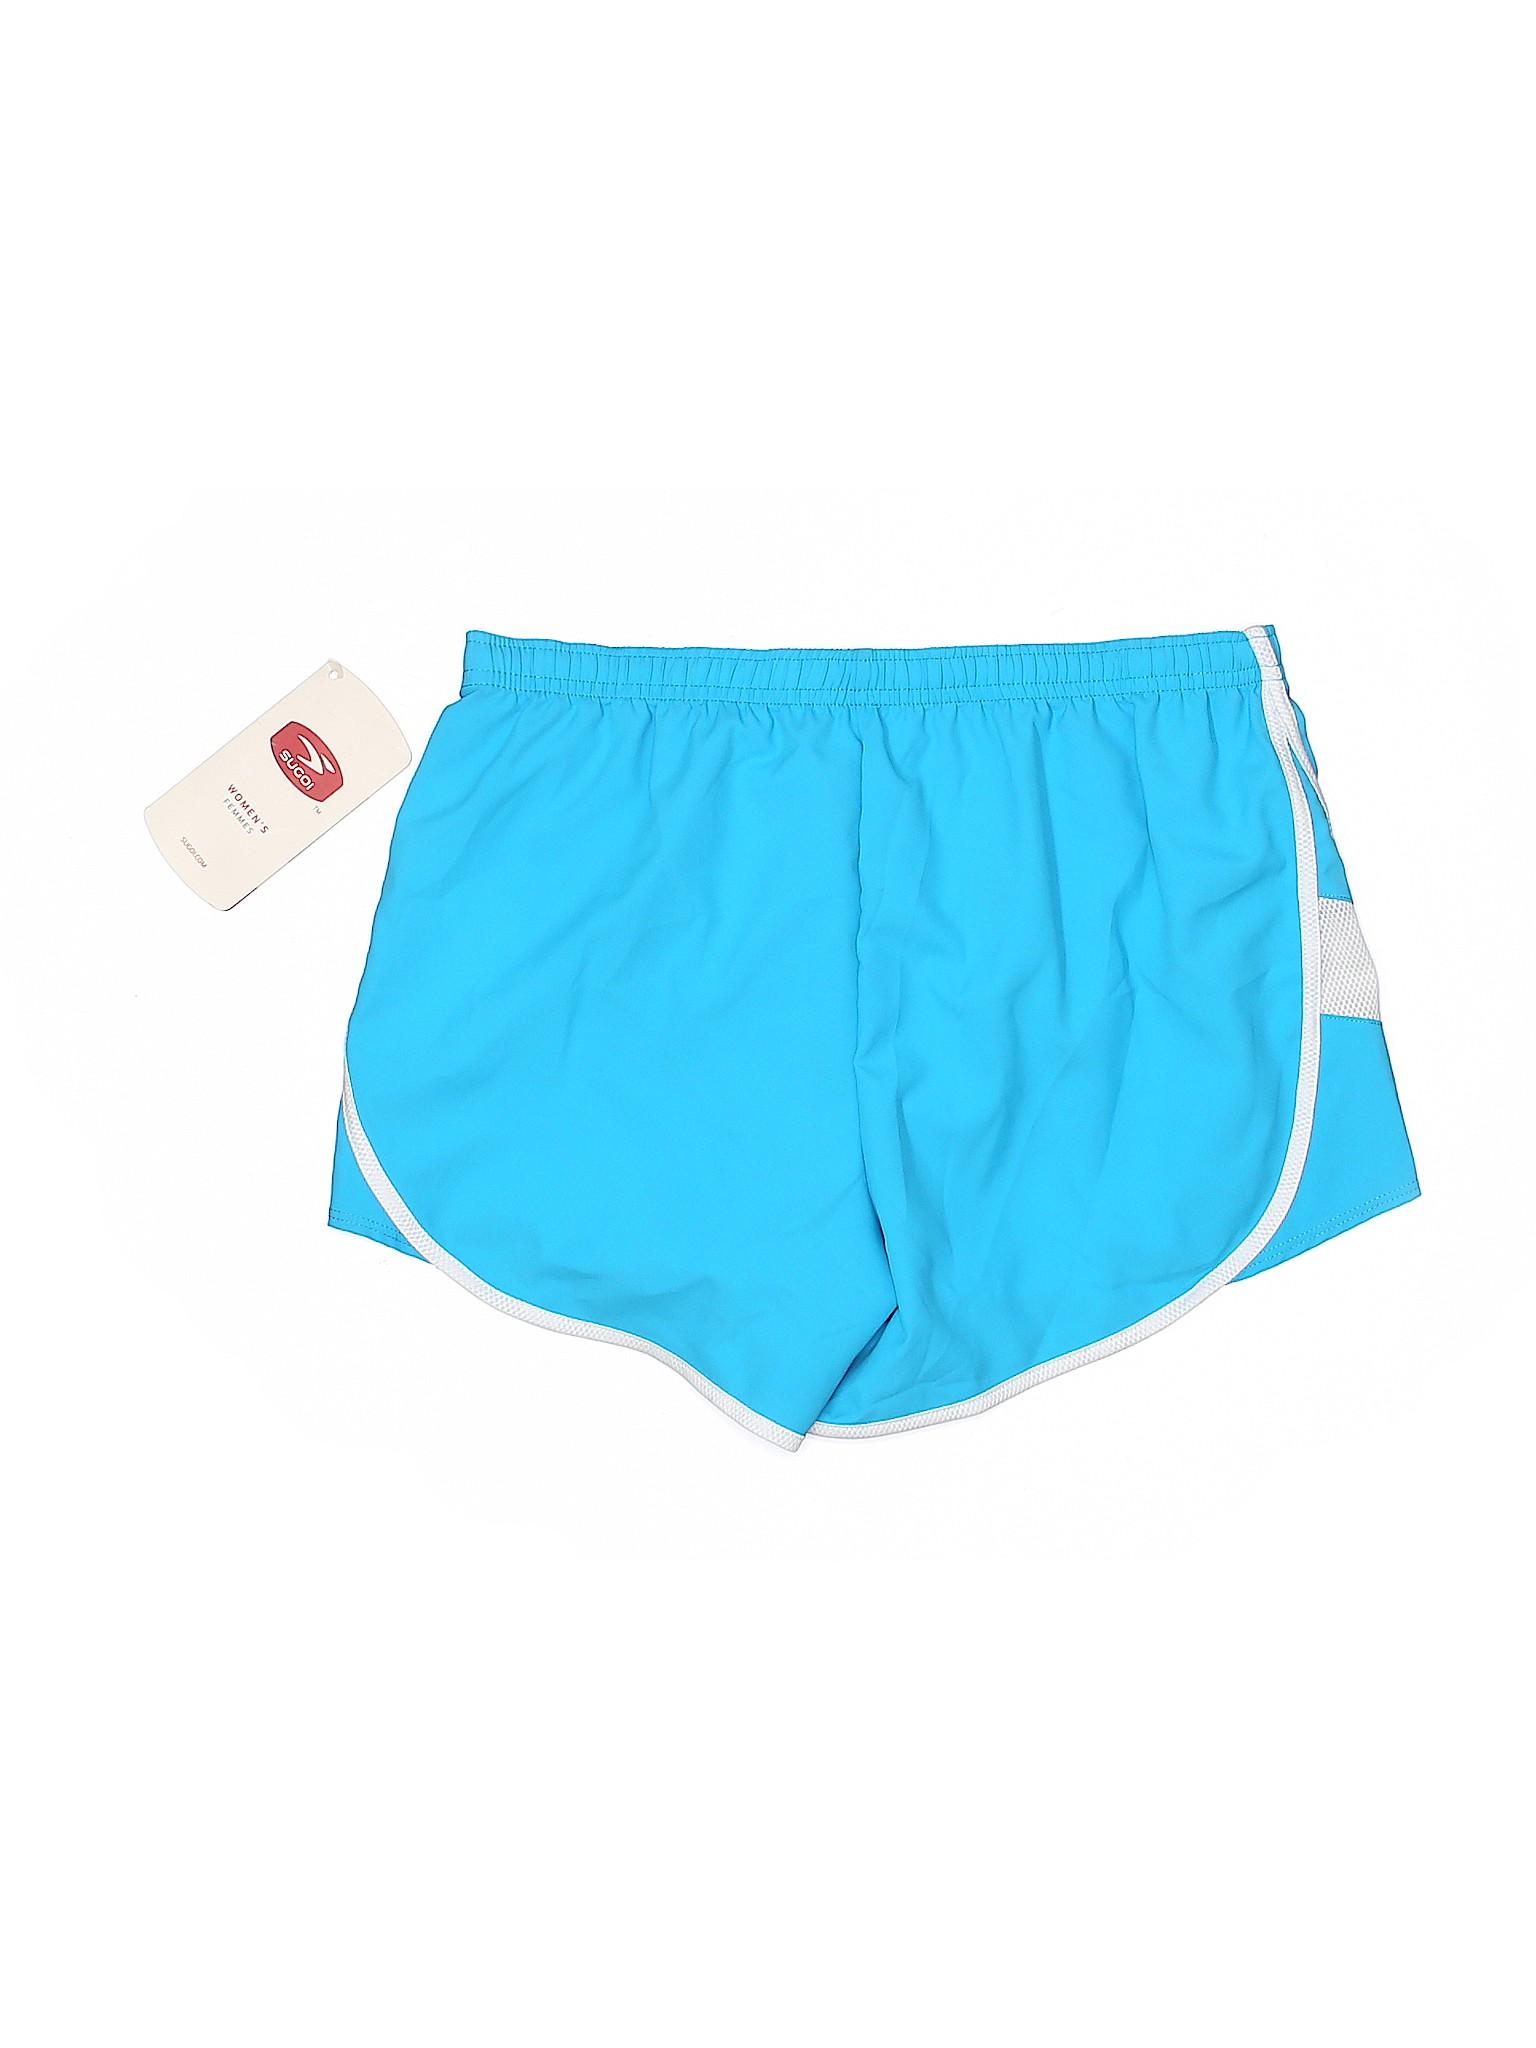 Boutique Boutique Athletic Shorts Sugoi Sugoi Sugoi Shorts Boutique Sugoi Athletic Boutique Shorts Athletic Athletic vqA4vRrw